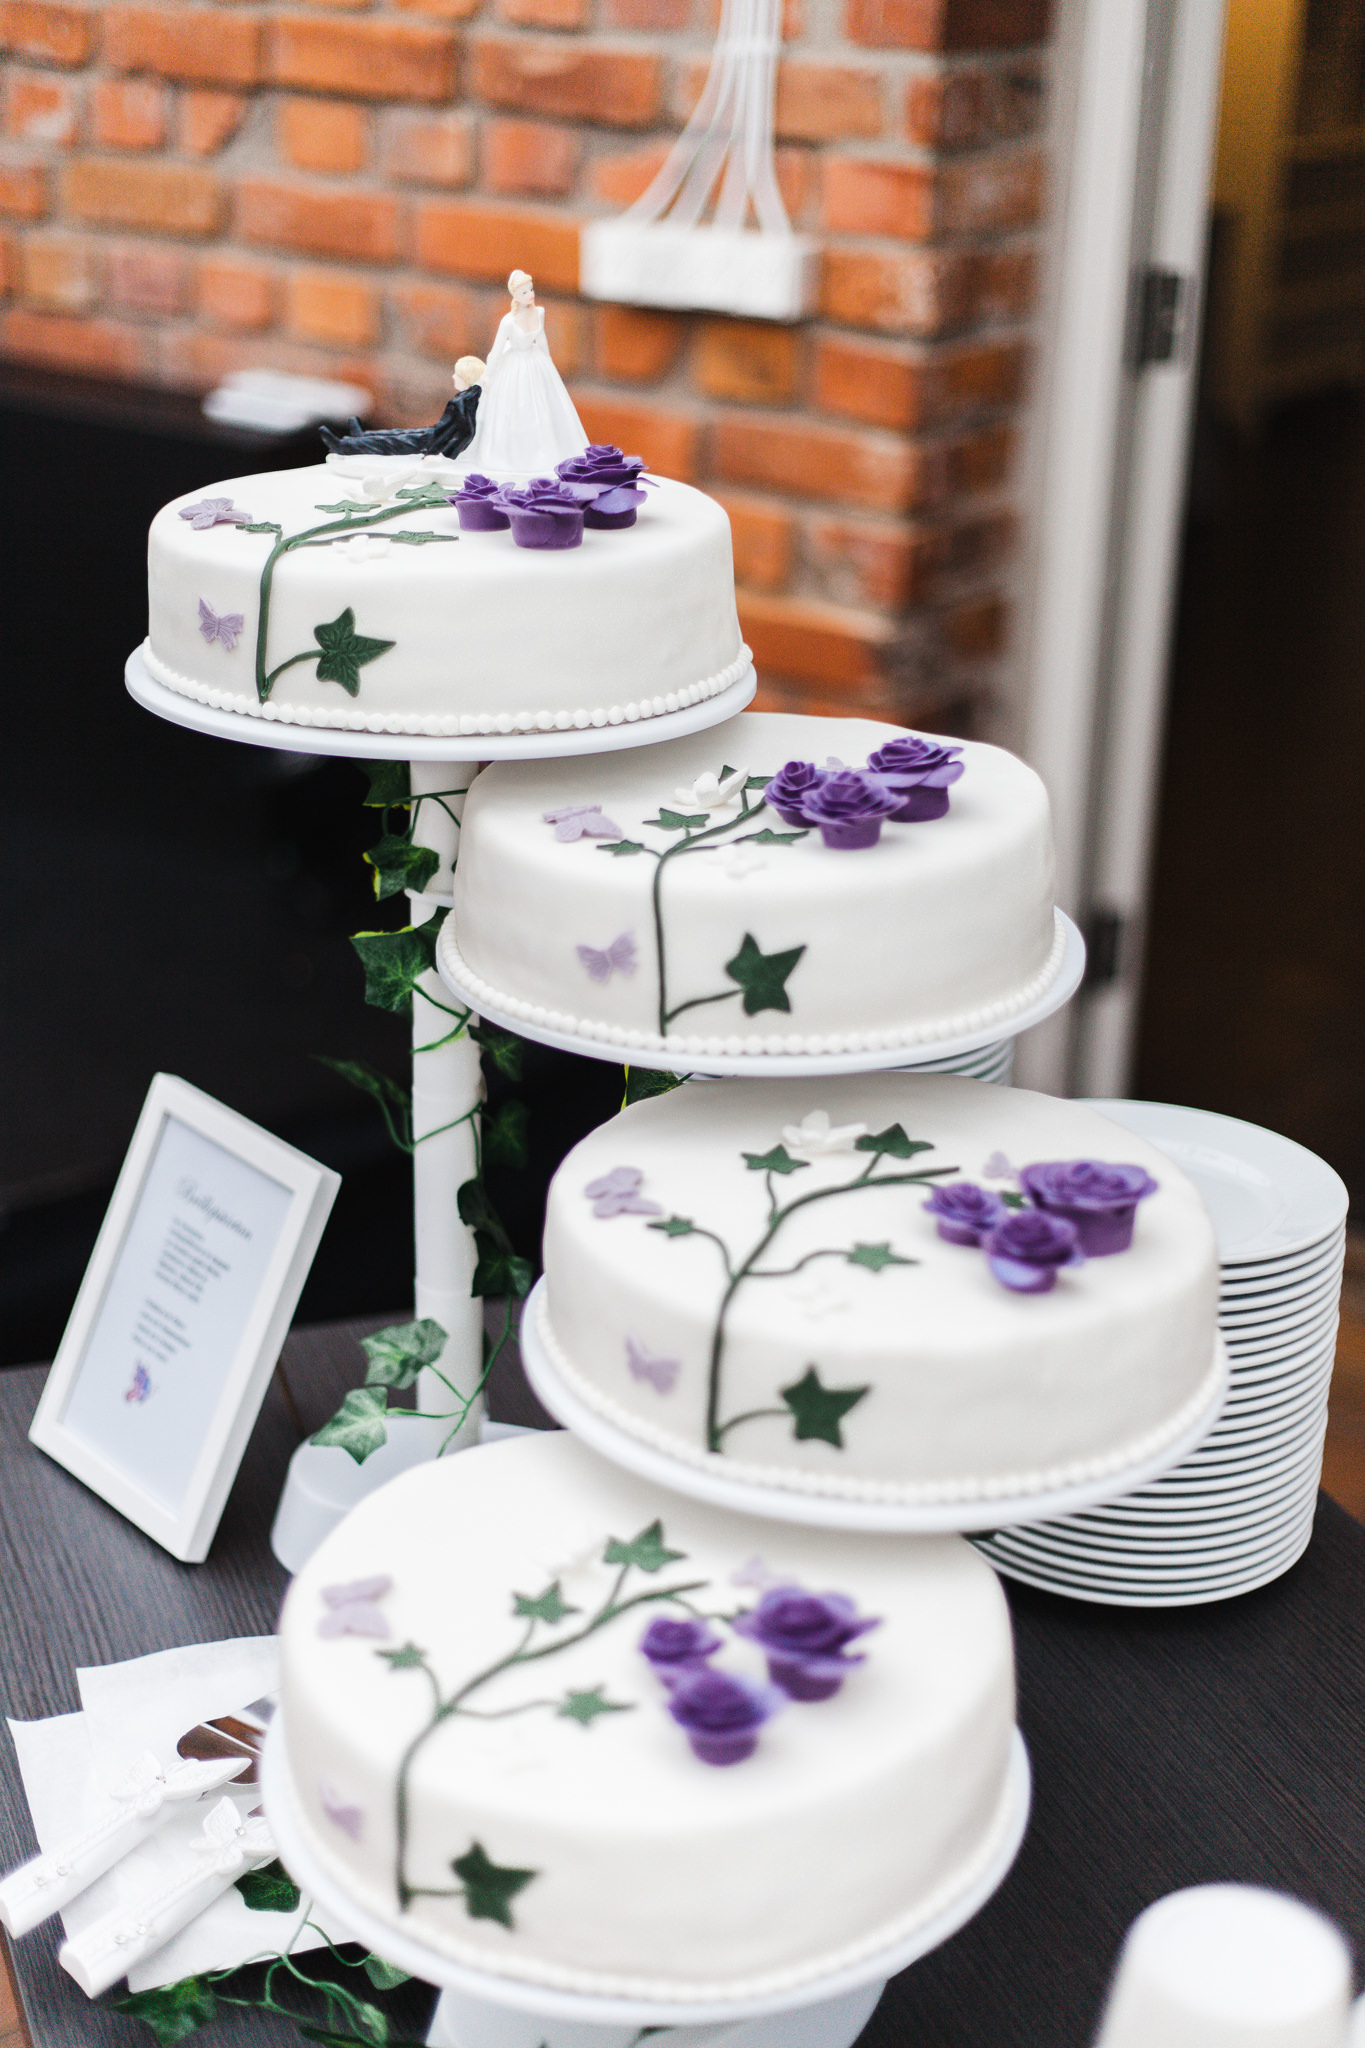 Bröllopstårta på Rosängen orangeri i Örebro